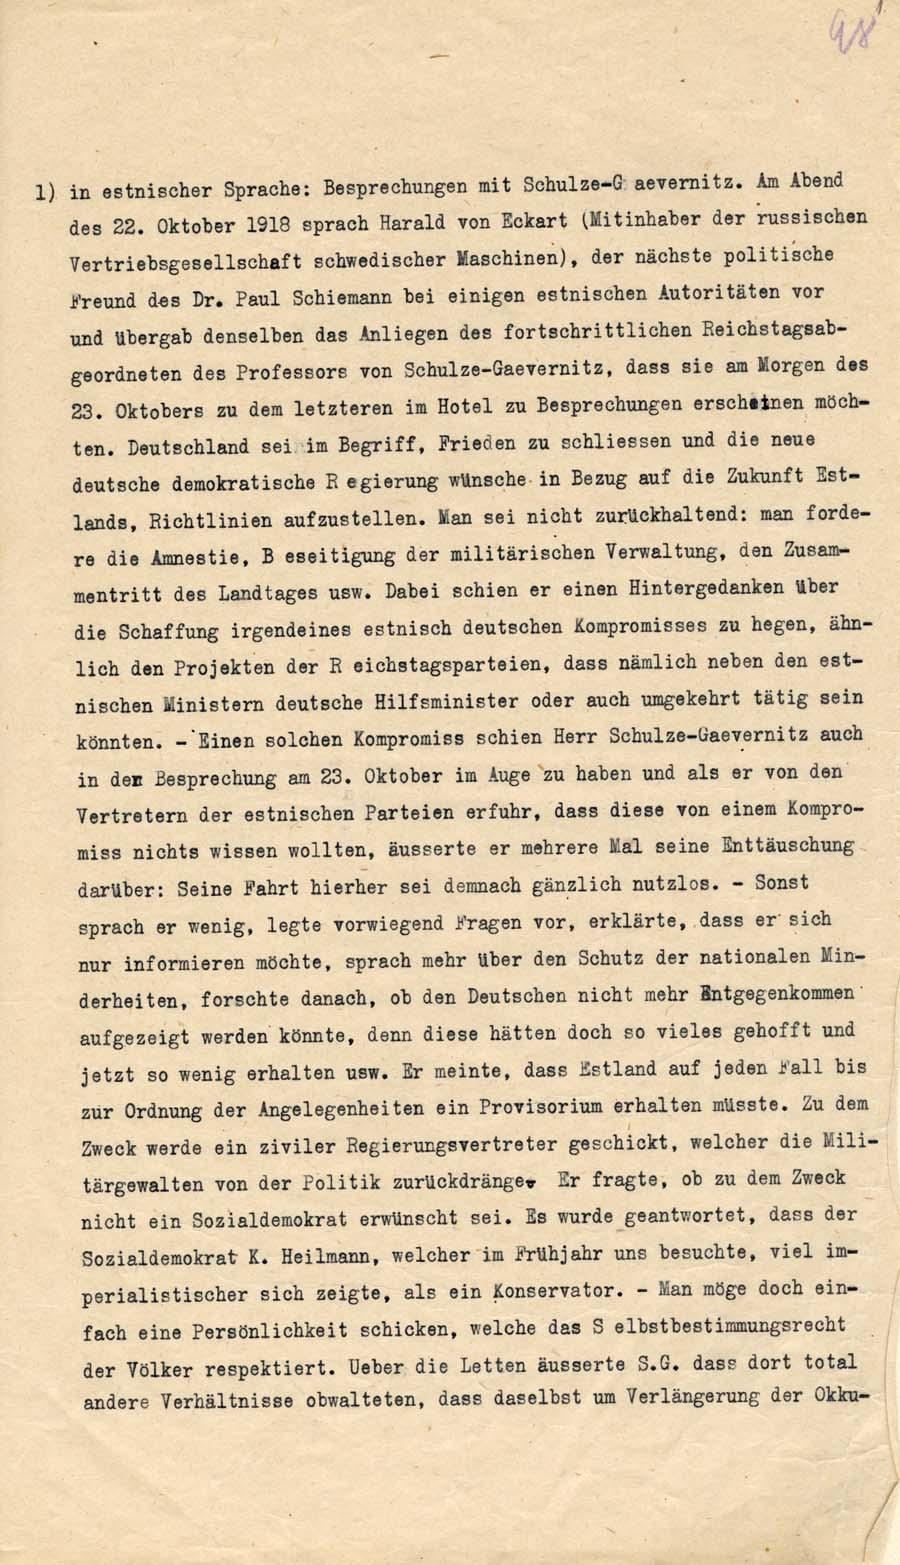 Väljavõte Saksamaa Riigipäeva liige prof von Schulze-Gaevernitz'i Tallinna reisist 23. oktoobril 1918, kus ta püüdis eesti poliitikutega jõuda kompromissile eesti-saksa ühisvalitsuse moodustamises. RA, EAA.957.1.306, l. 98